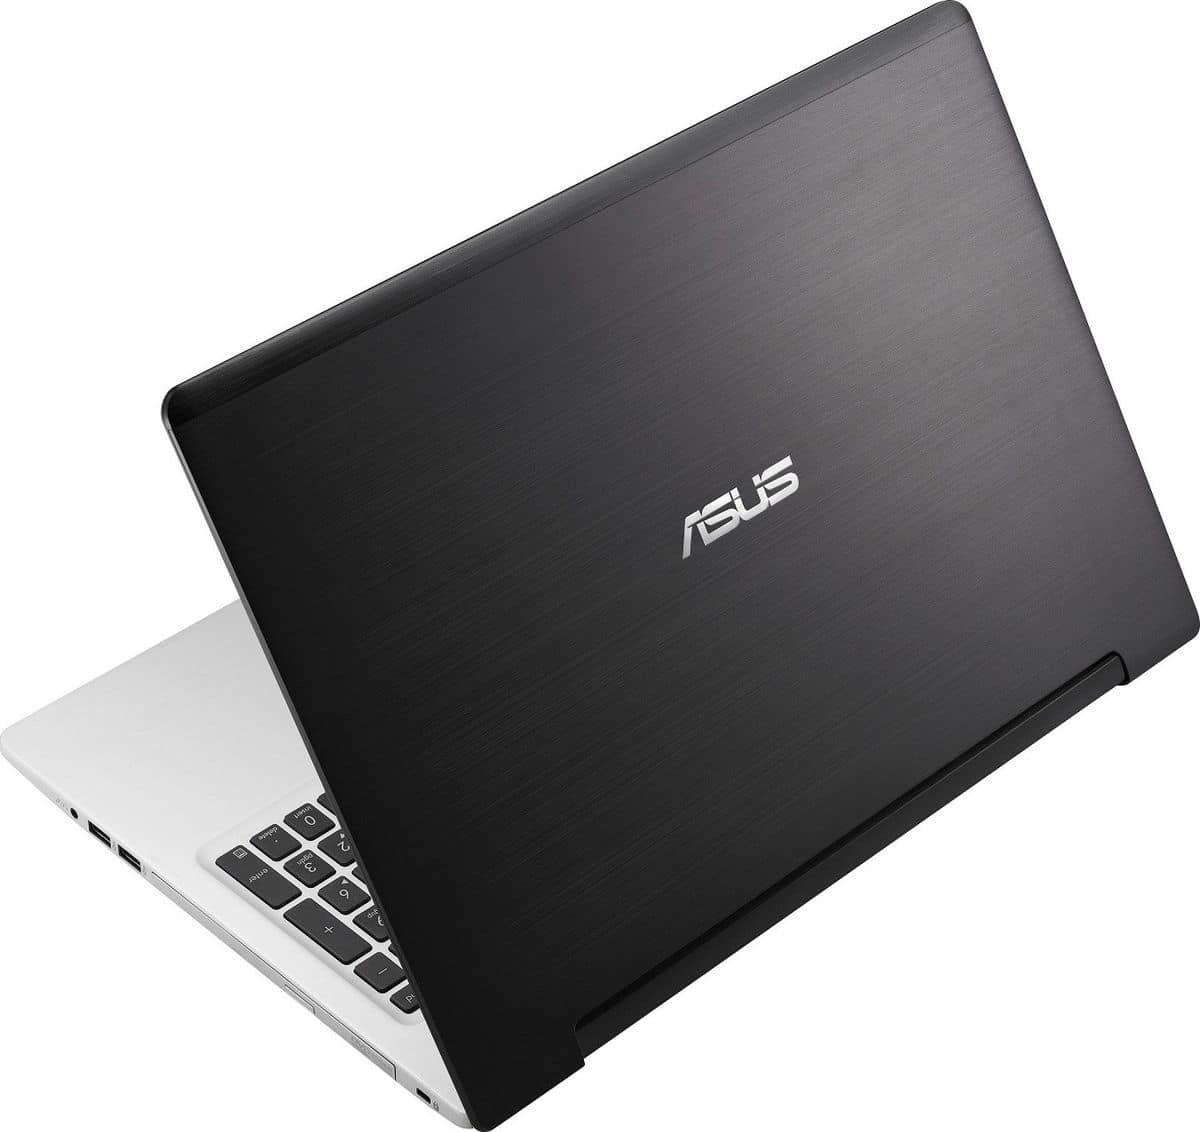 """Asus VivoBook S550CA-CJ107H, Ultrabook 15.6"""" tactile en promo à 539€ : Core i3, 750 Go"""